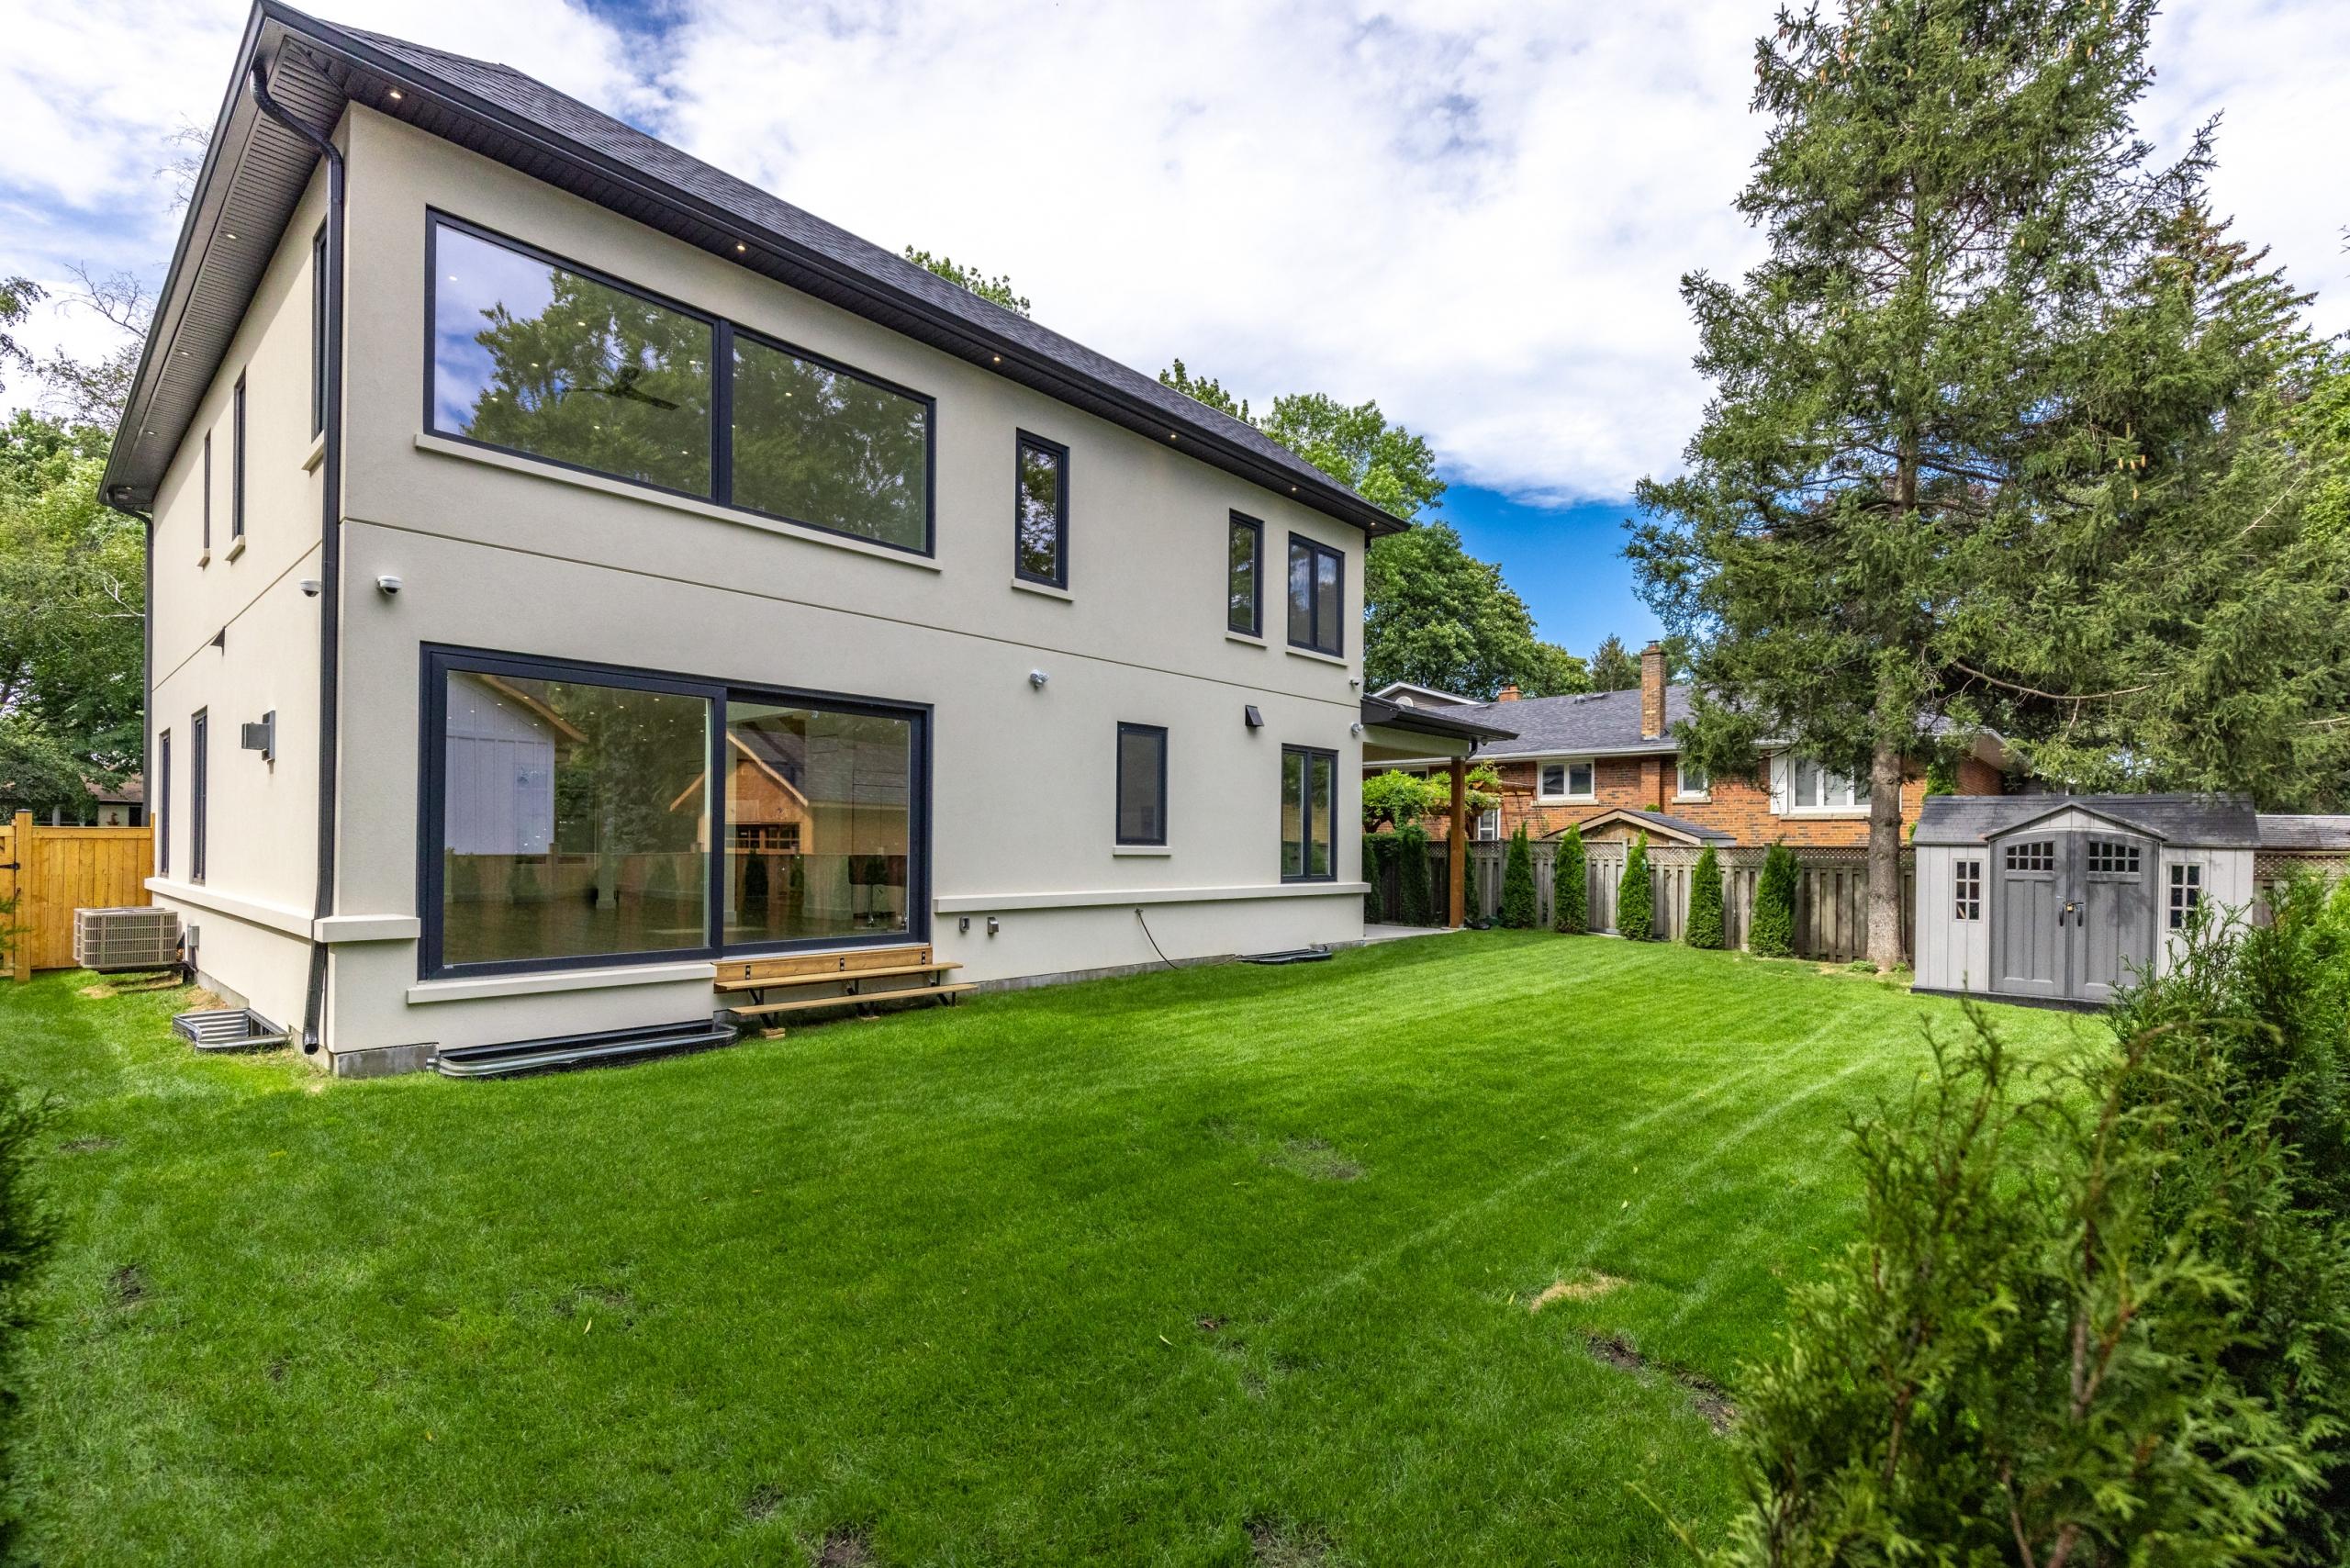 Garden featured at 287 Sabel Street, Oakville, ON at Alex Irish & Associates